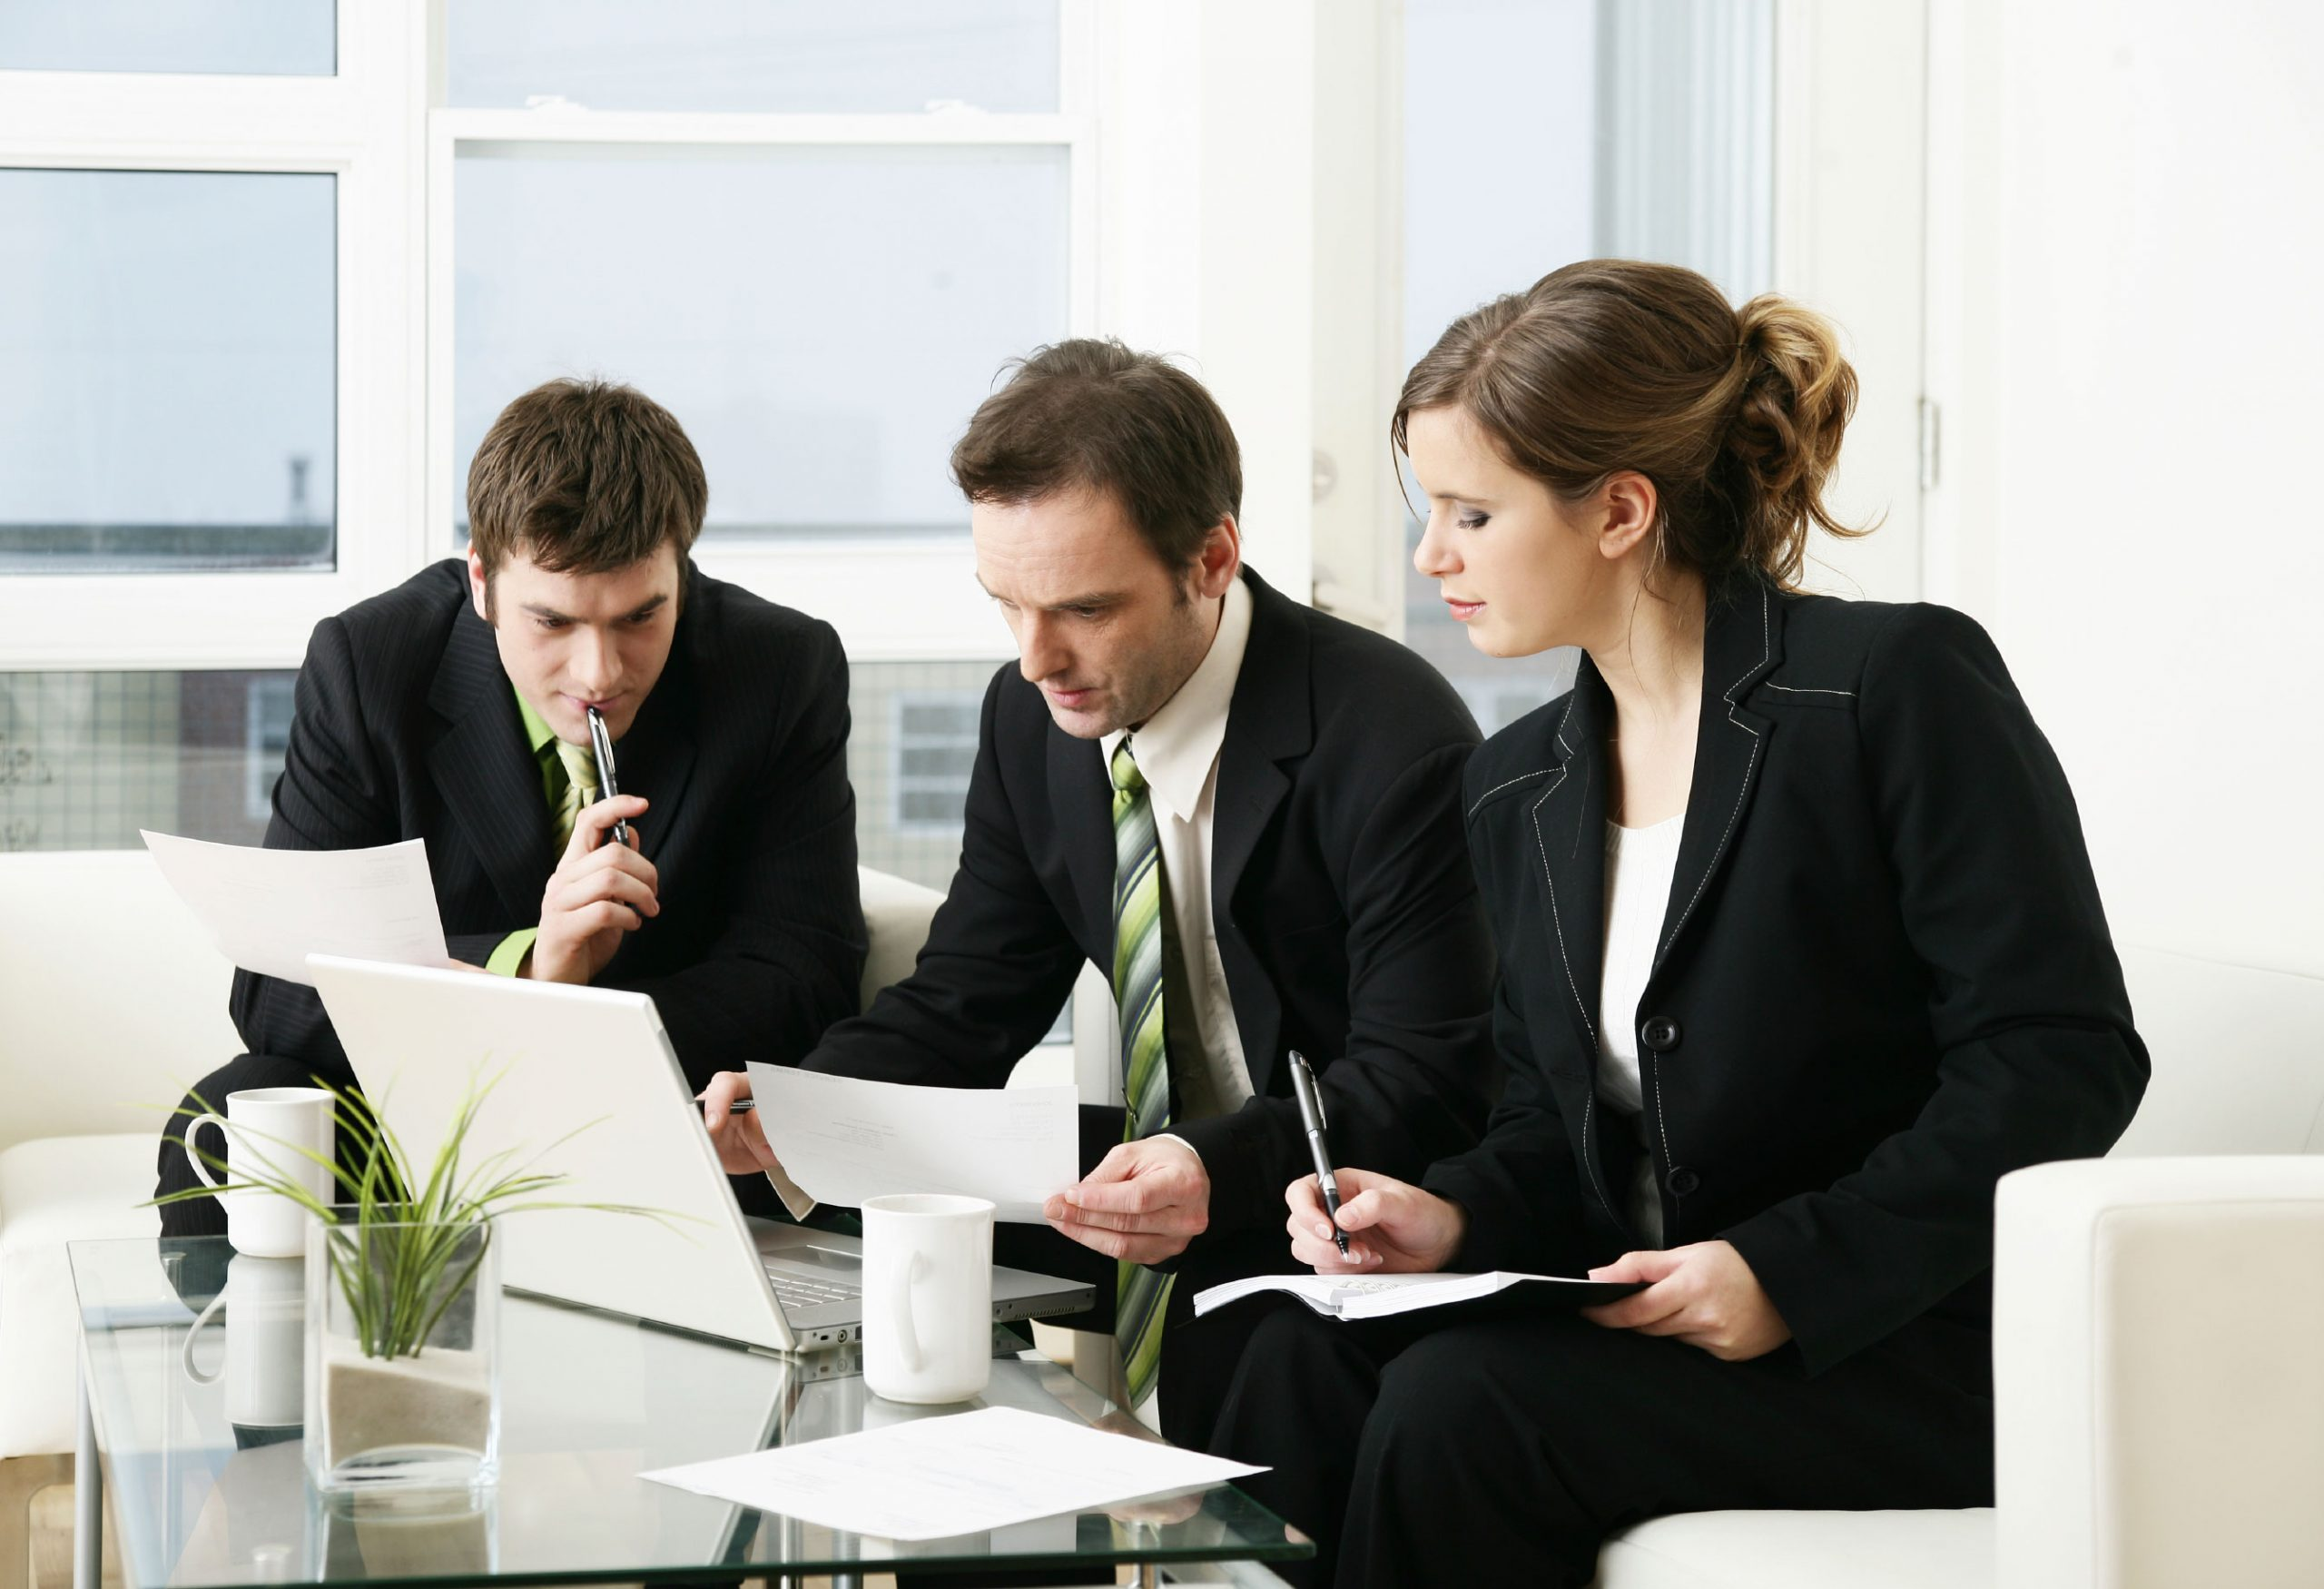 iStock 000002738475Large scaled - Training HR Leadership dan Kompetensi untuk Profesional Kinerja